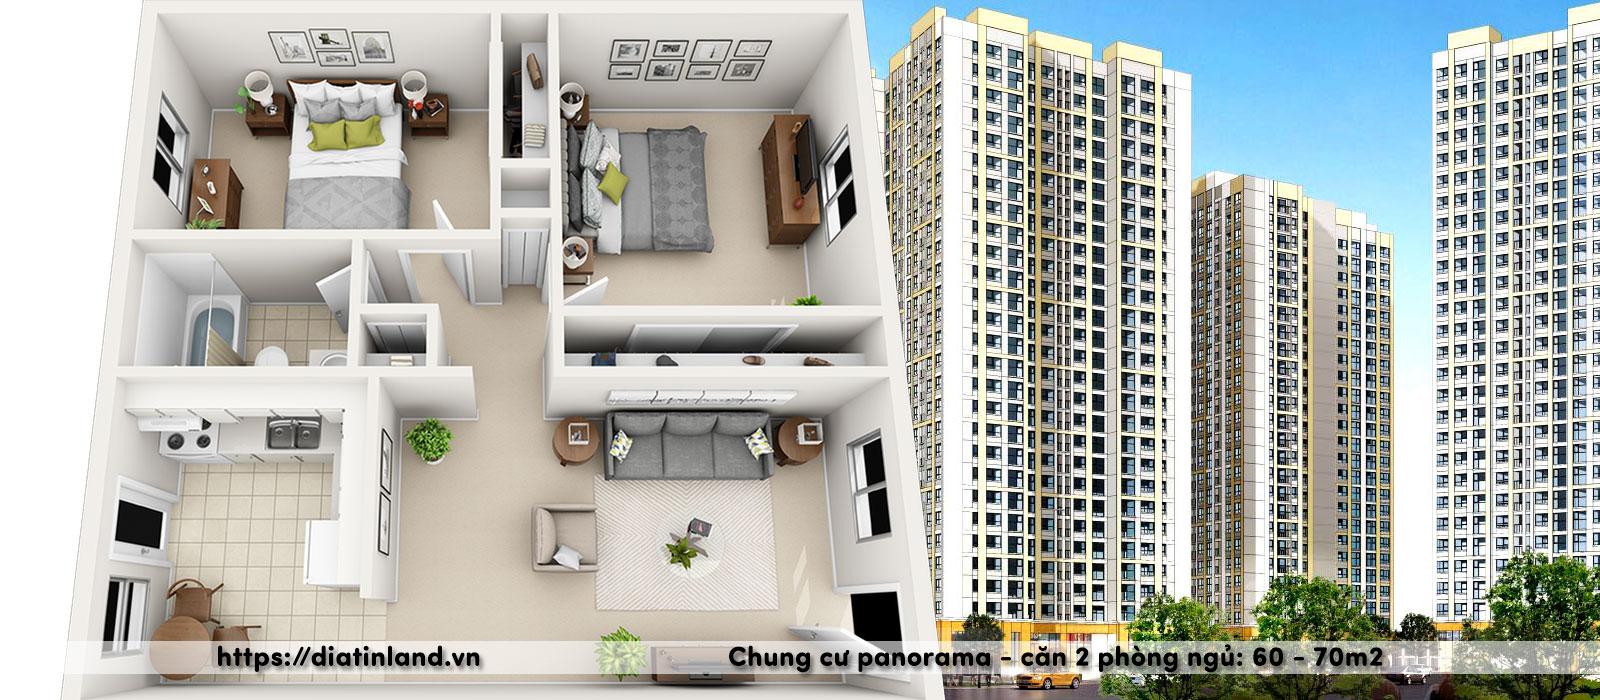 Chung cư Panorama Hoàng Mai Căn 2 phòng ngủ